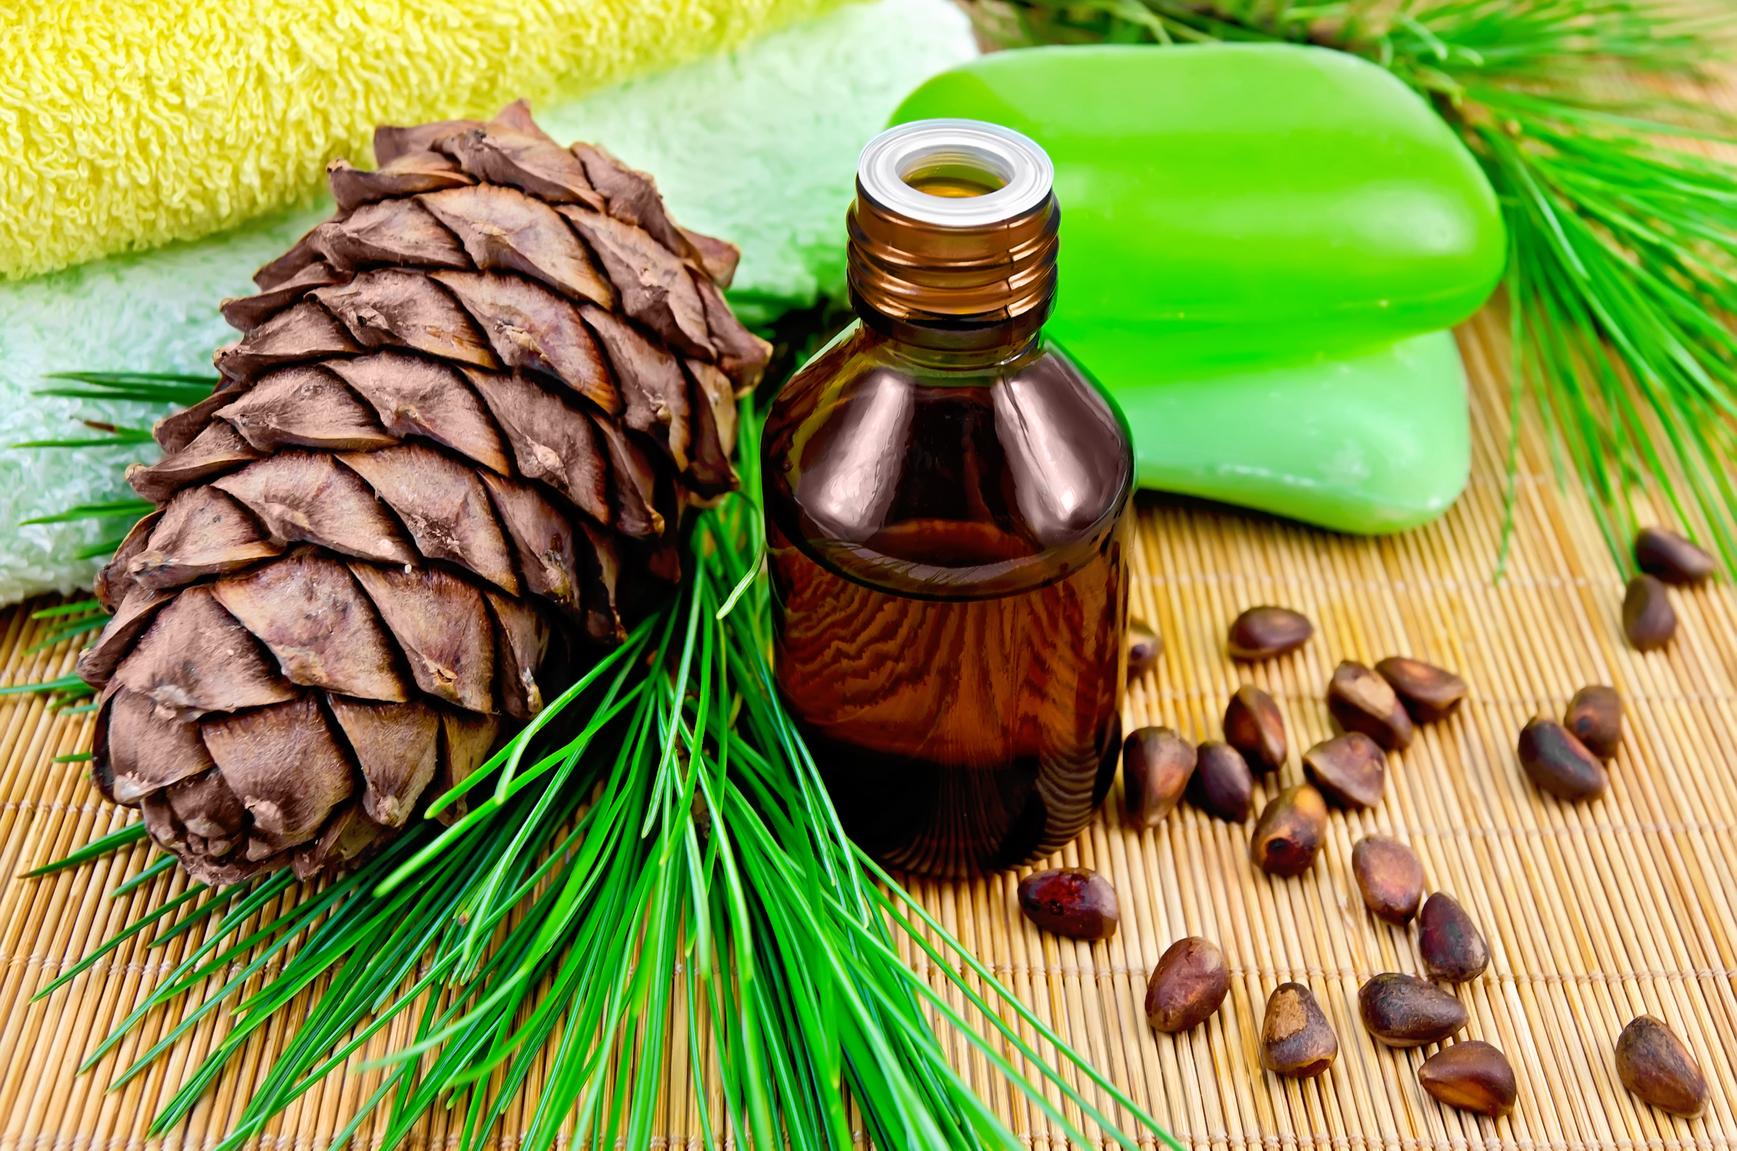 Кедровое масло для лечения желудка